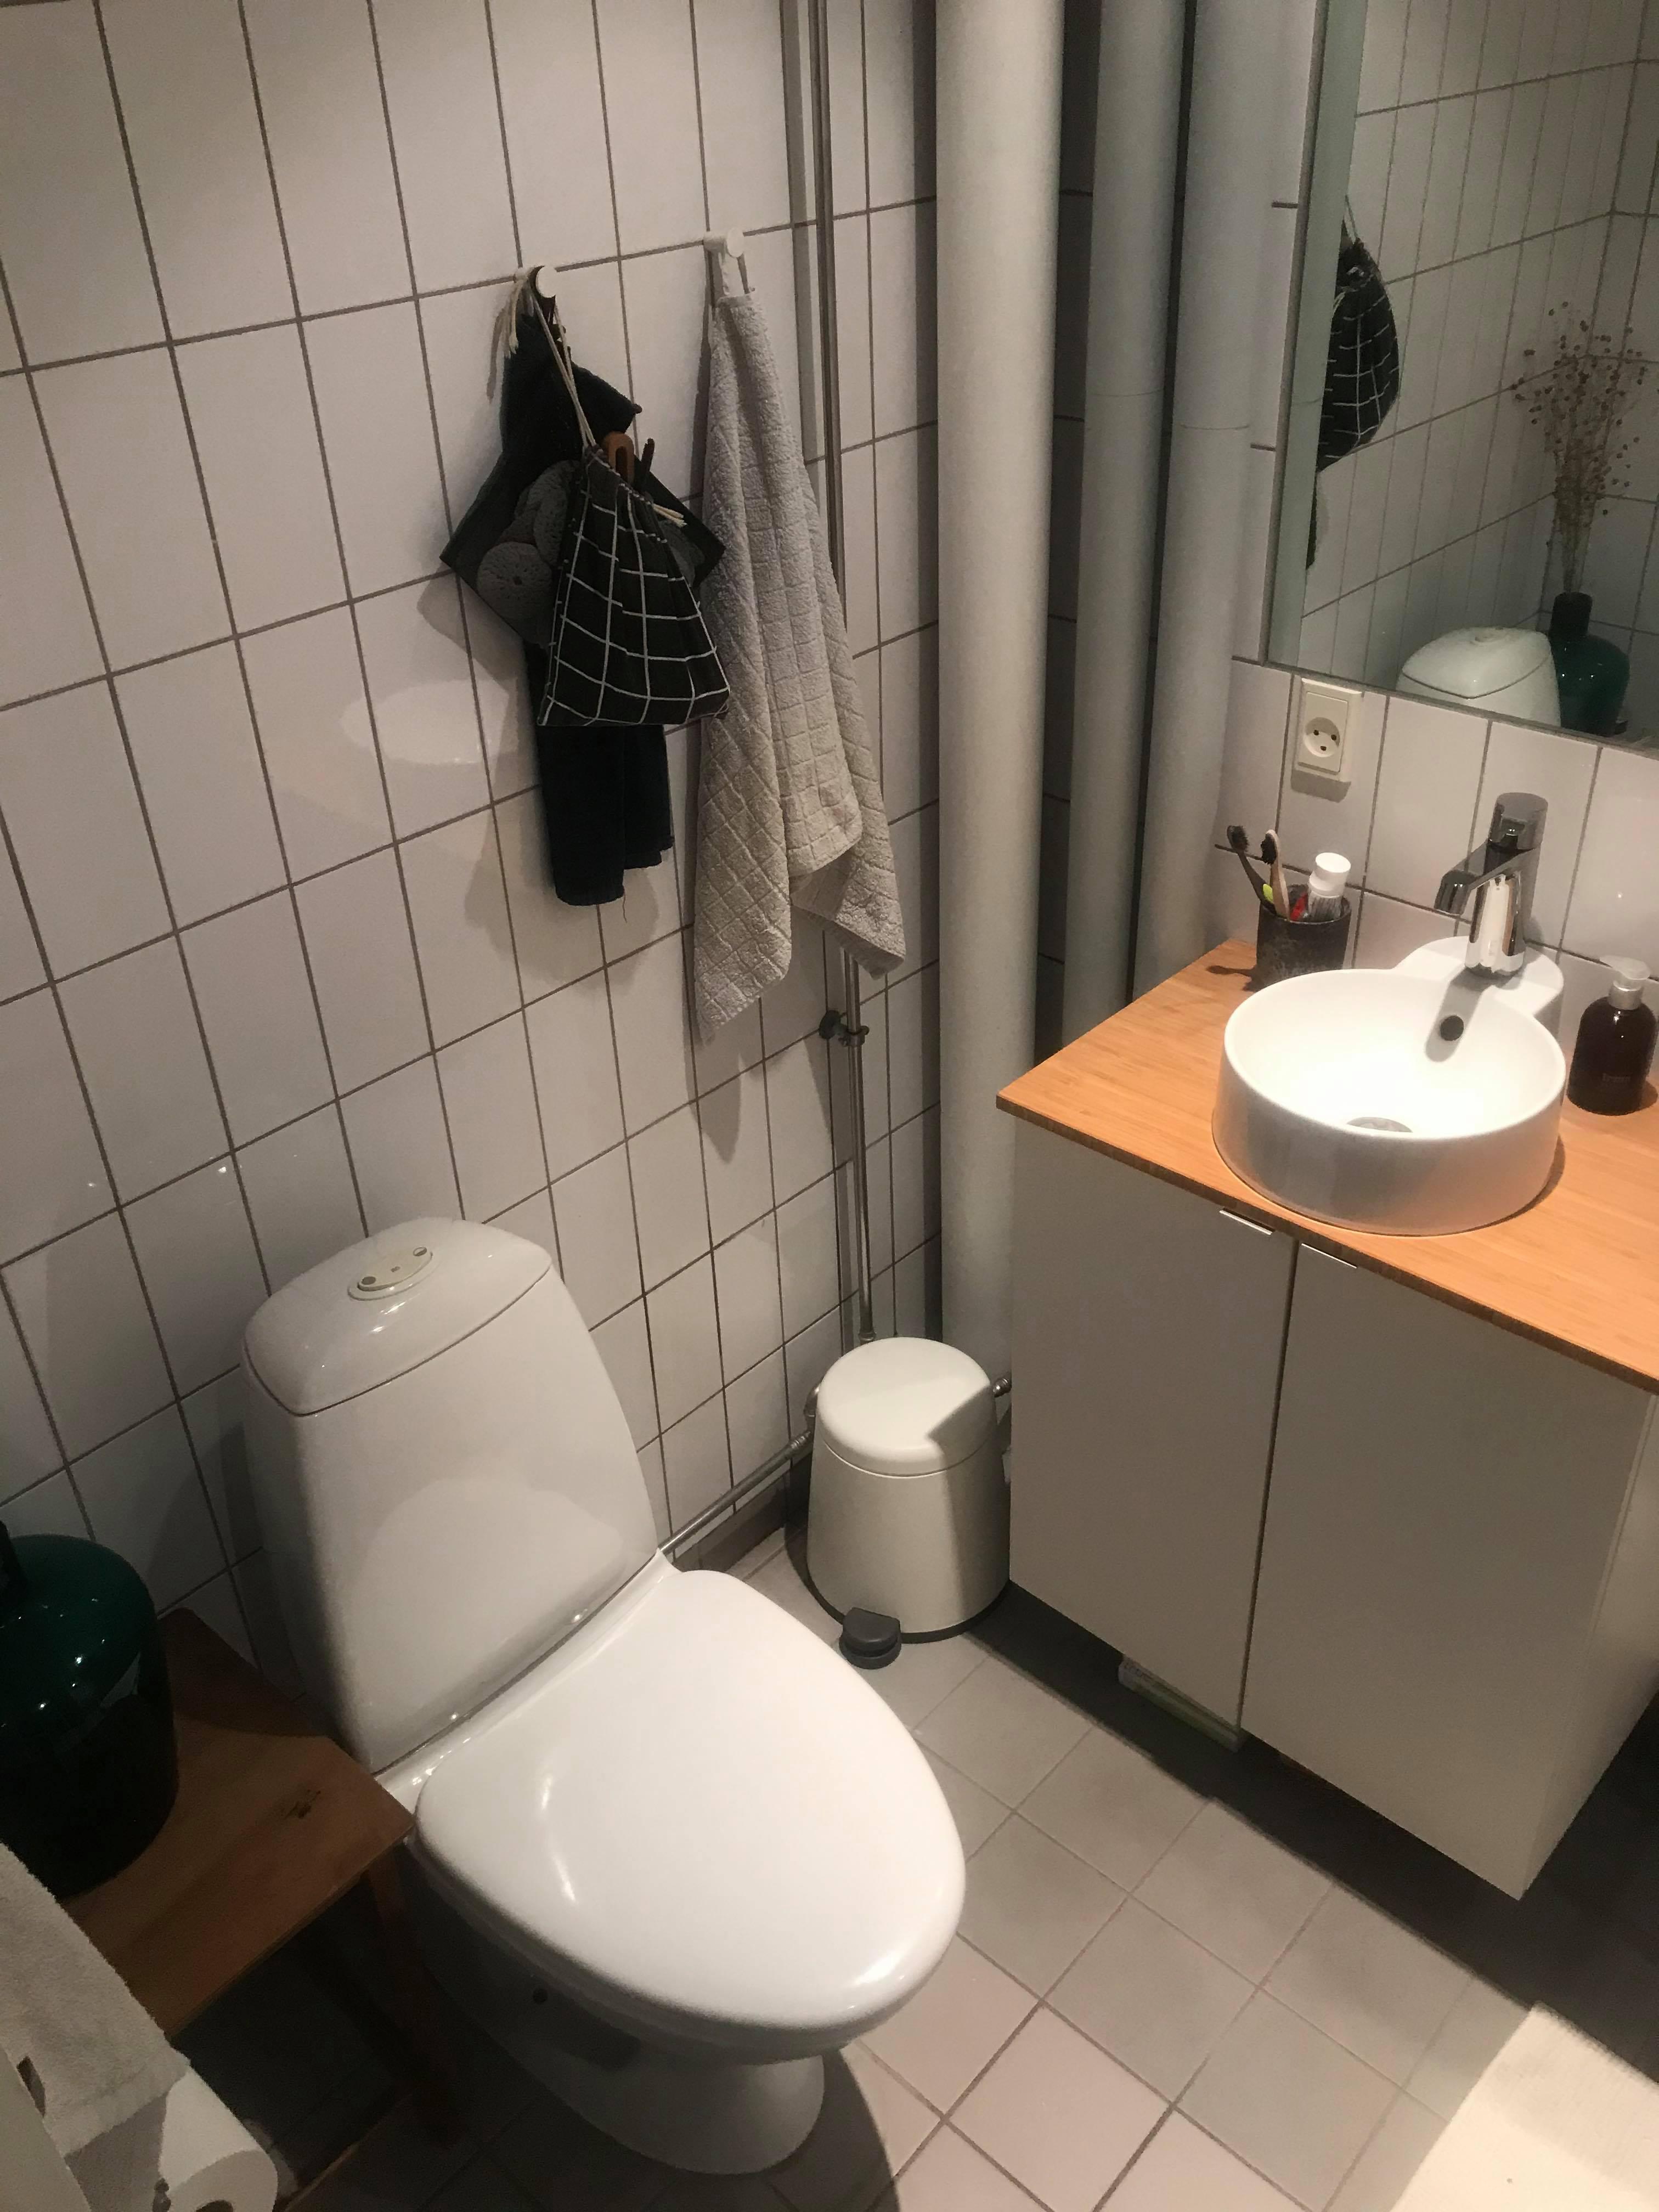 Ledigt værelse i en 3V på Nørrebro